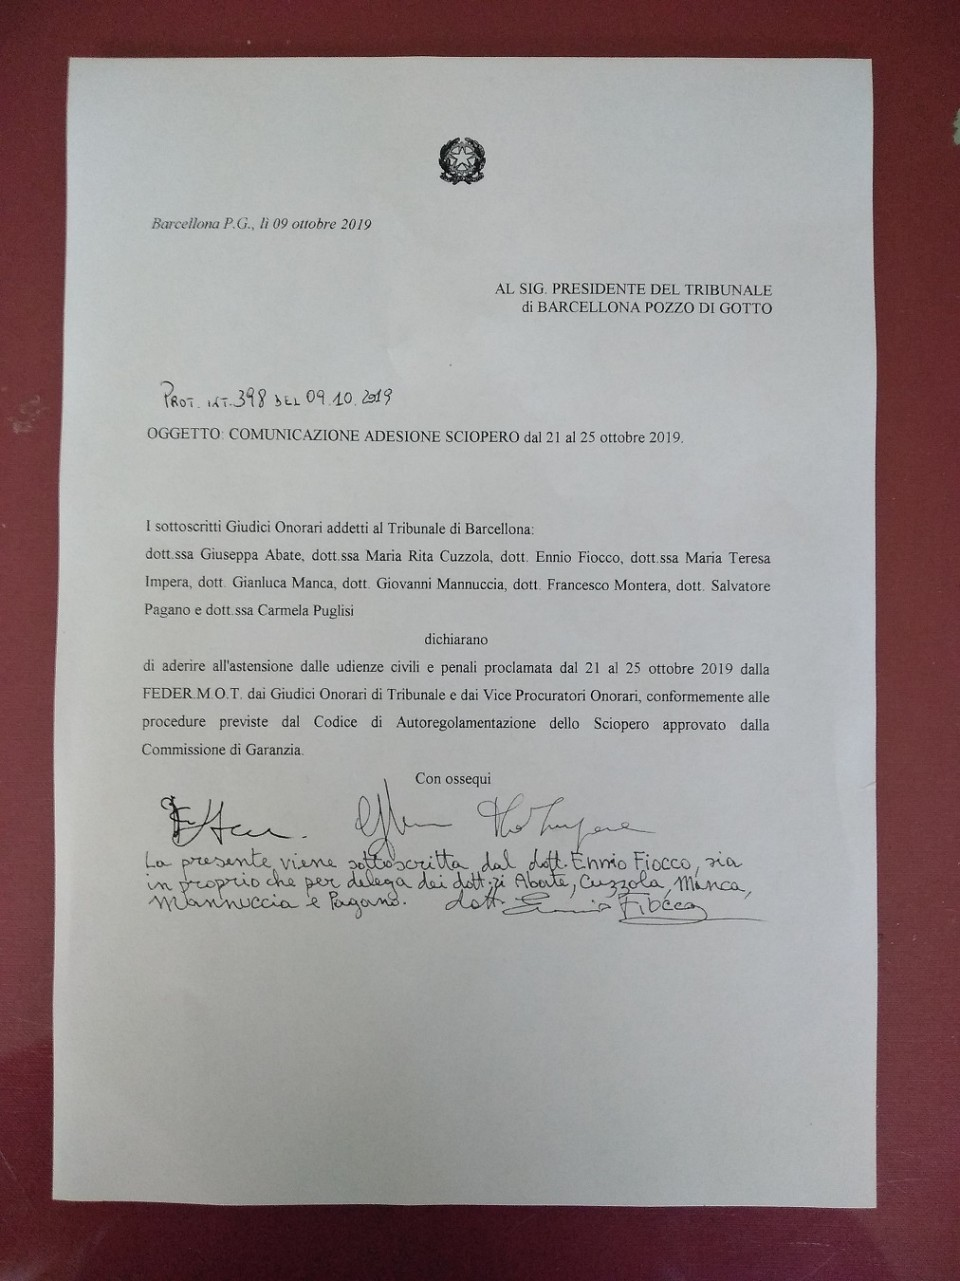 Comunicazione sciopero giudici onorari Barcellona P.G.